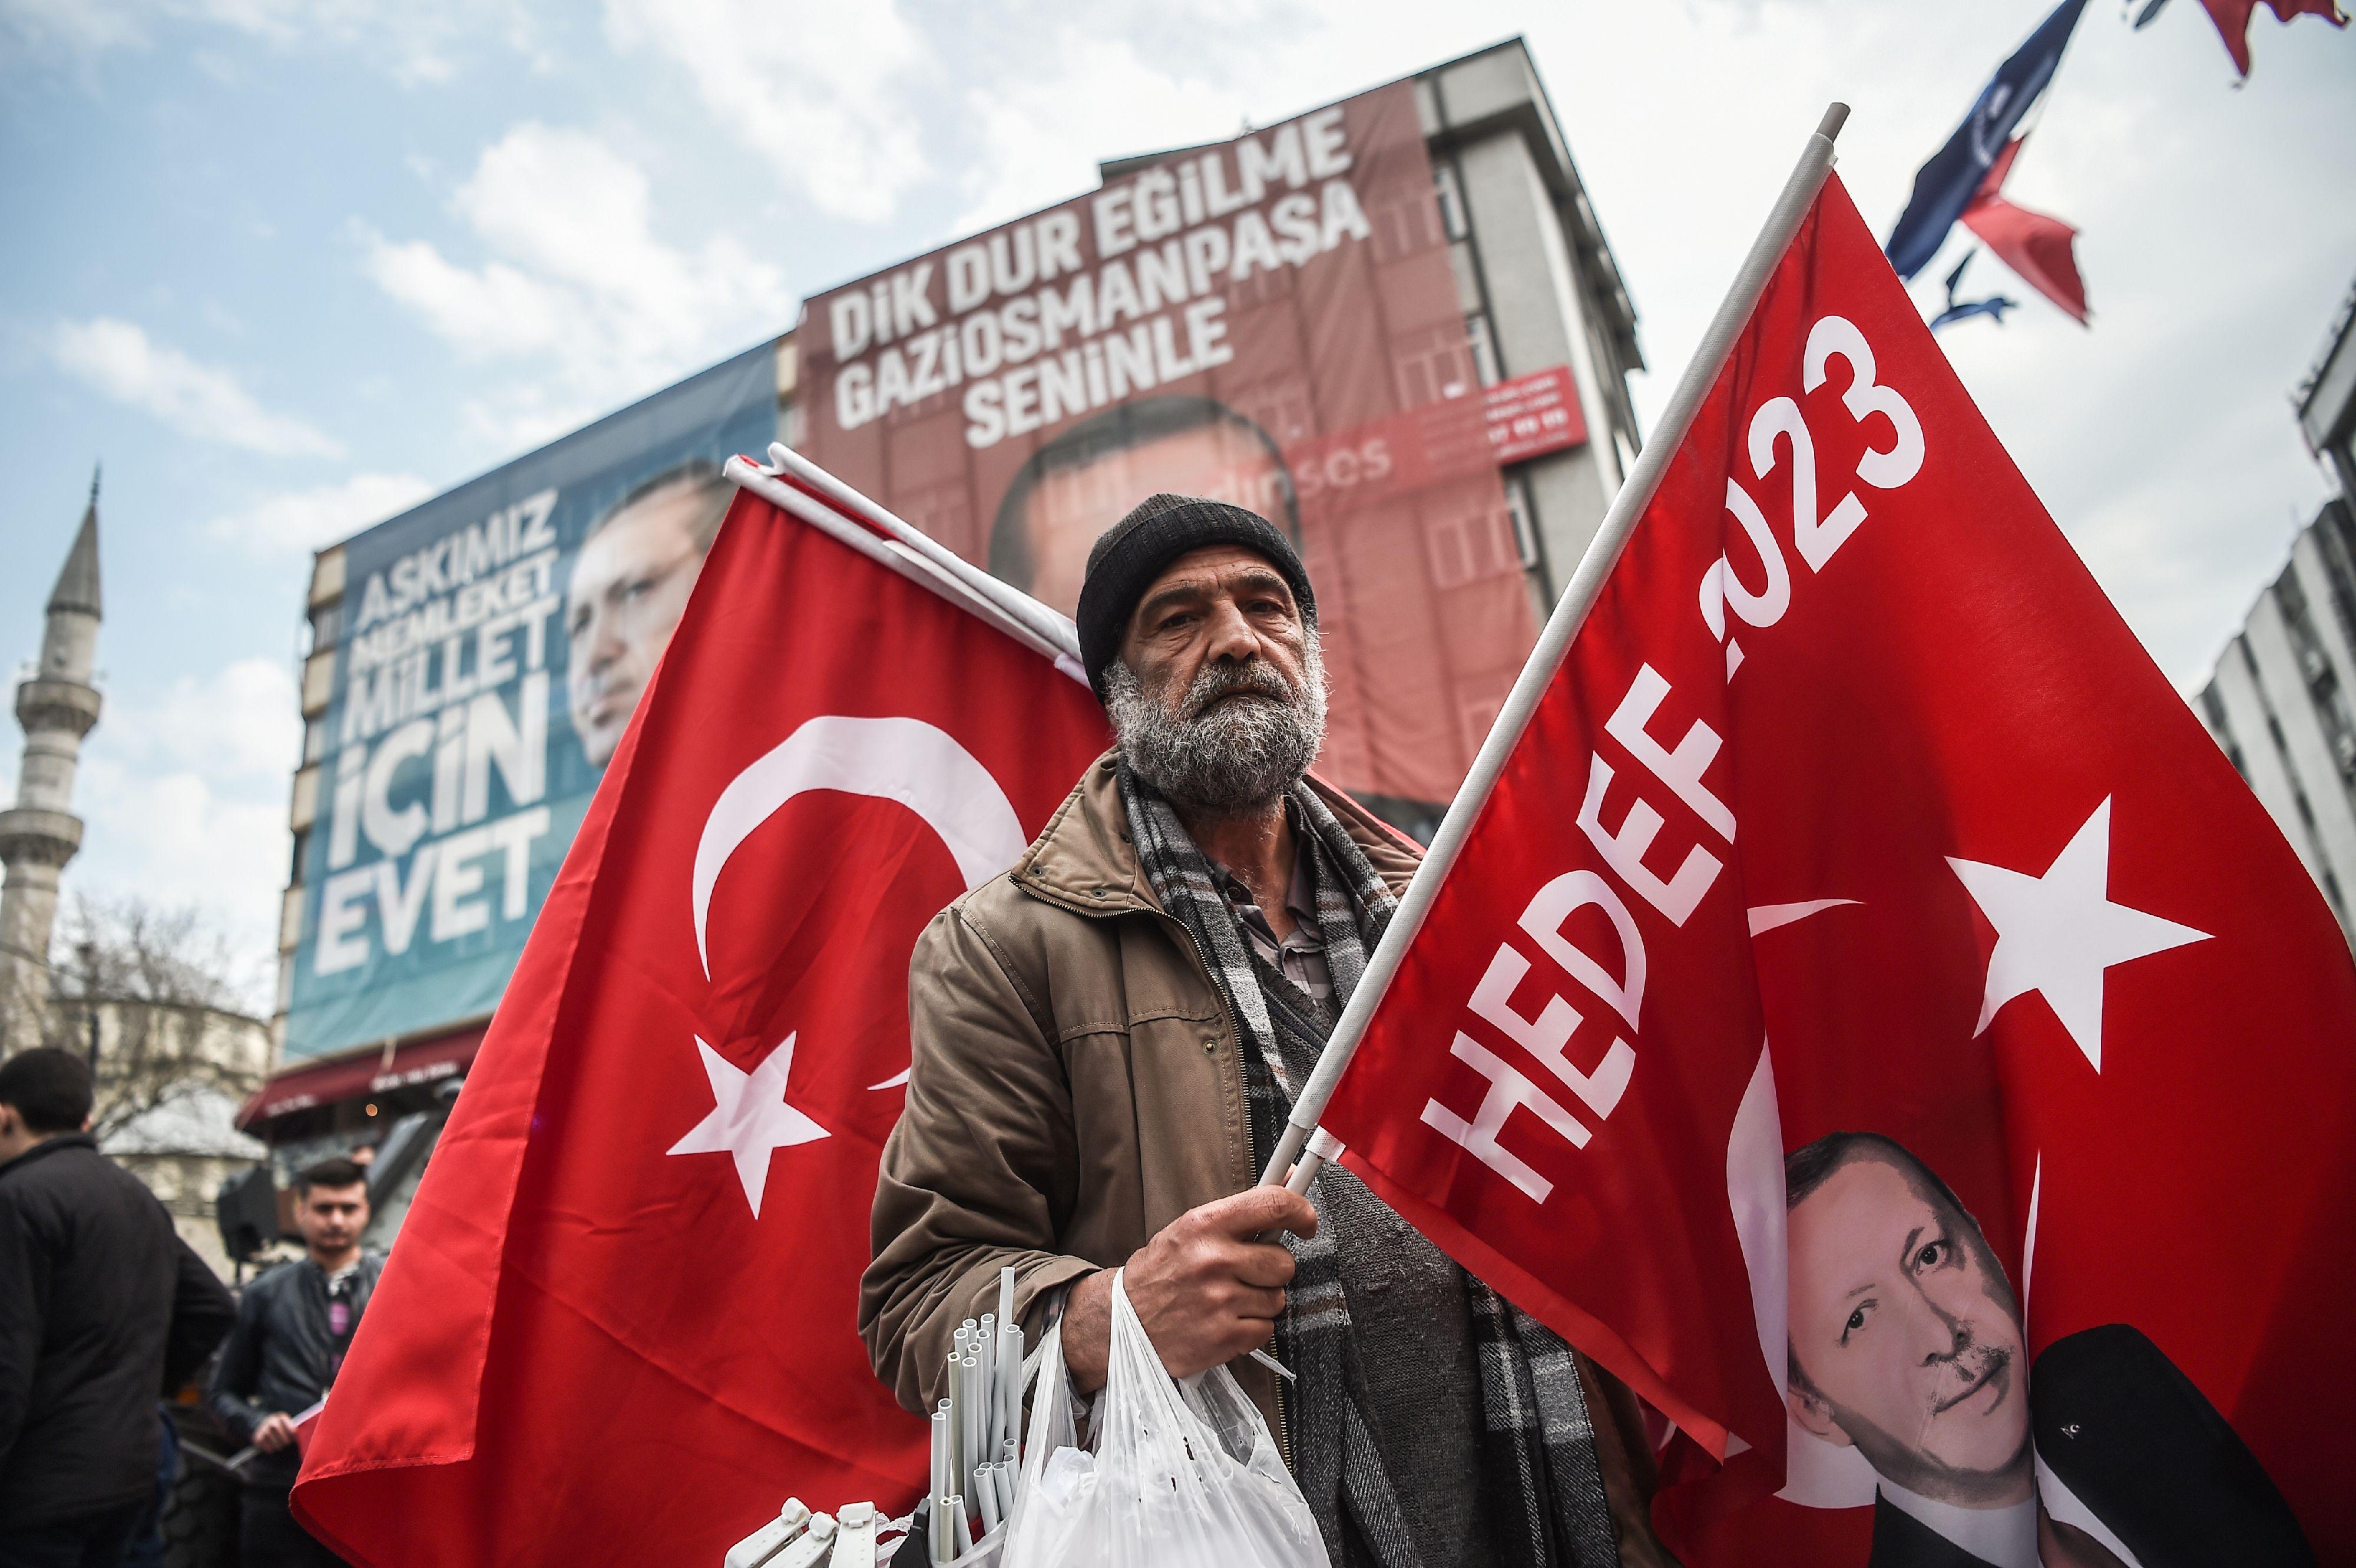 رجل يحمل صور أردوغان وعلم تركيا